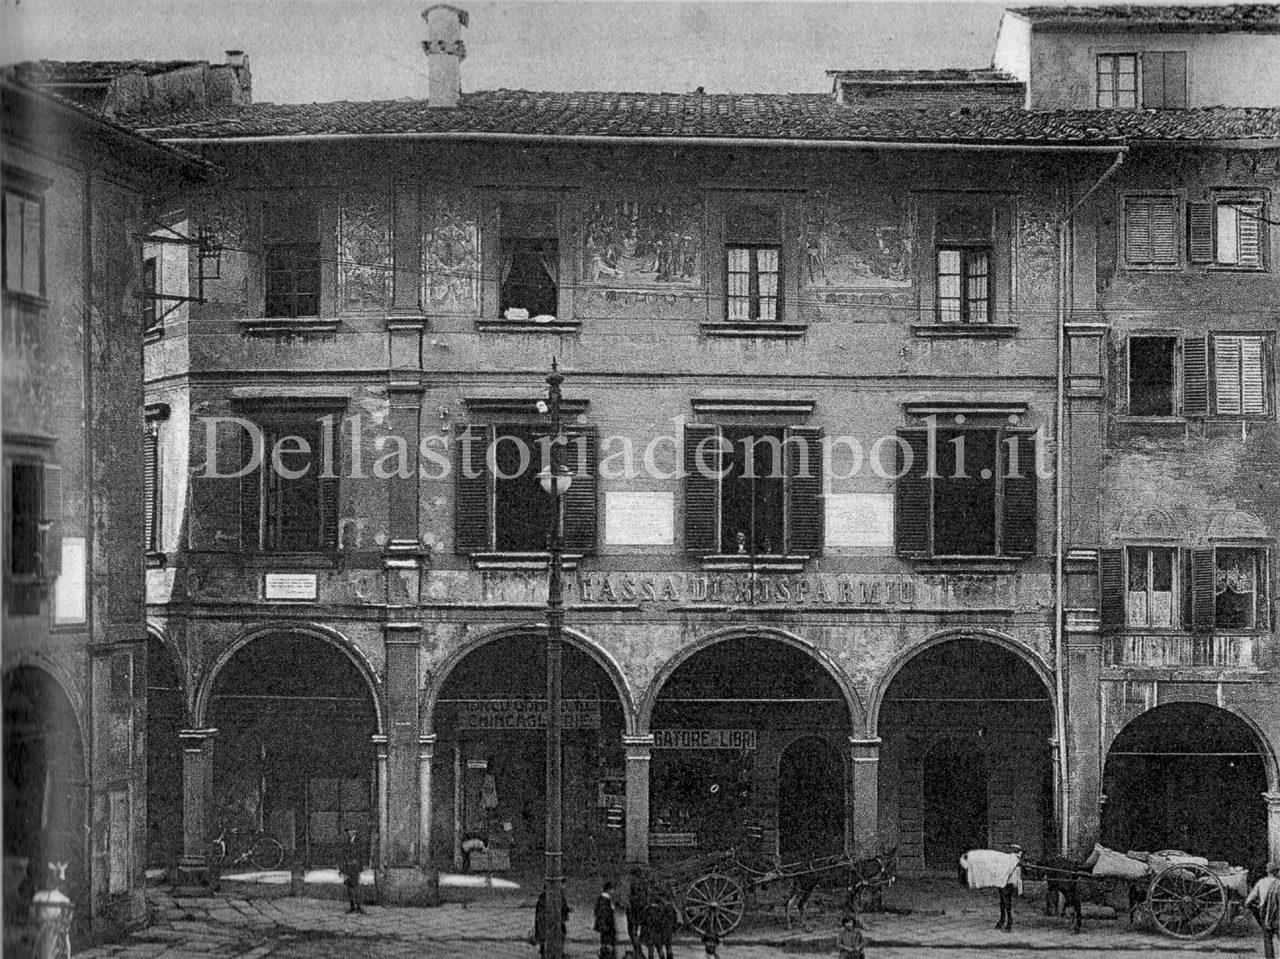 [foto] Palazzo Ghibellino – Empoli